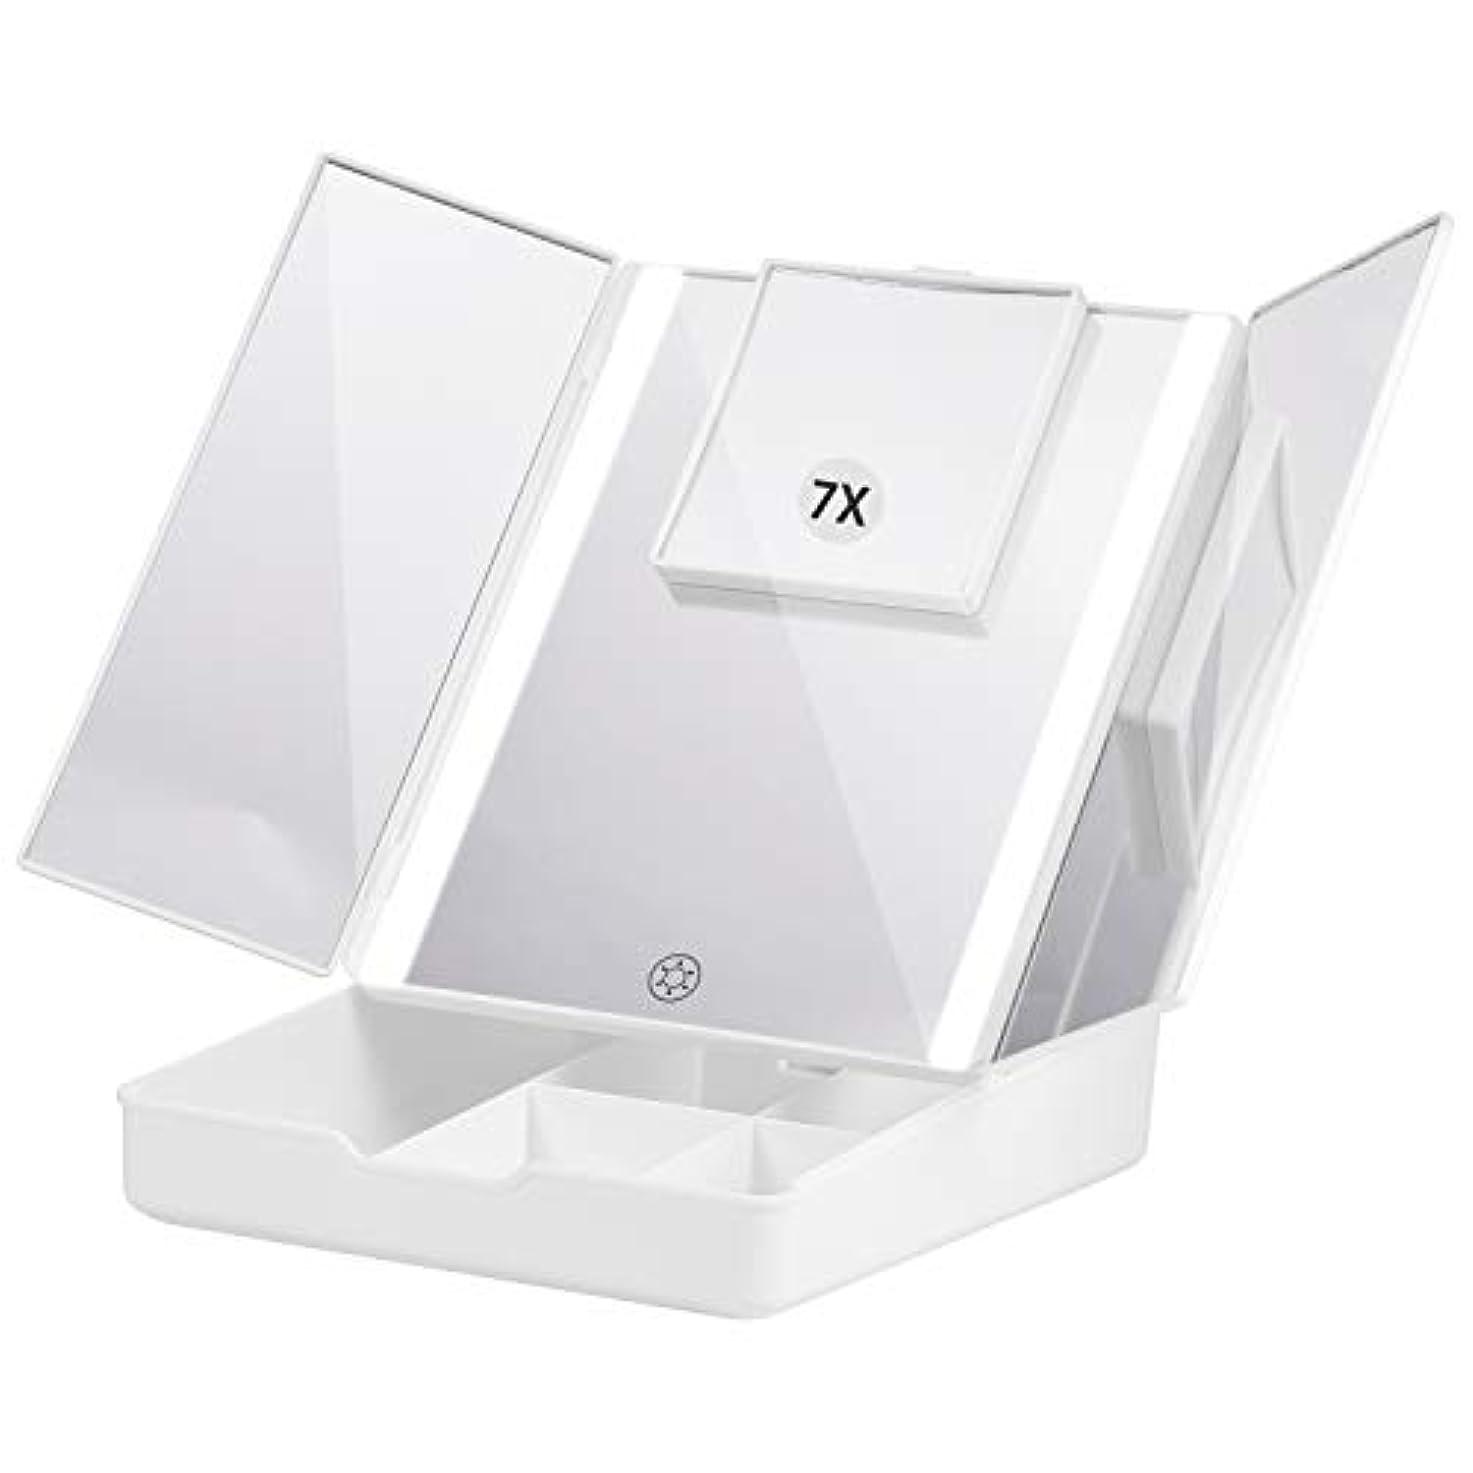 コードレス四面体誰のFascinate 折りたたみ式三面鏡 化粧鏡 7倍拡大鏡付き 24個LED スタンドミラー USB&電池式 角度調整可能 収納ケース付き